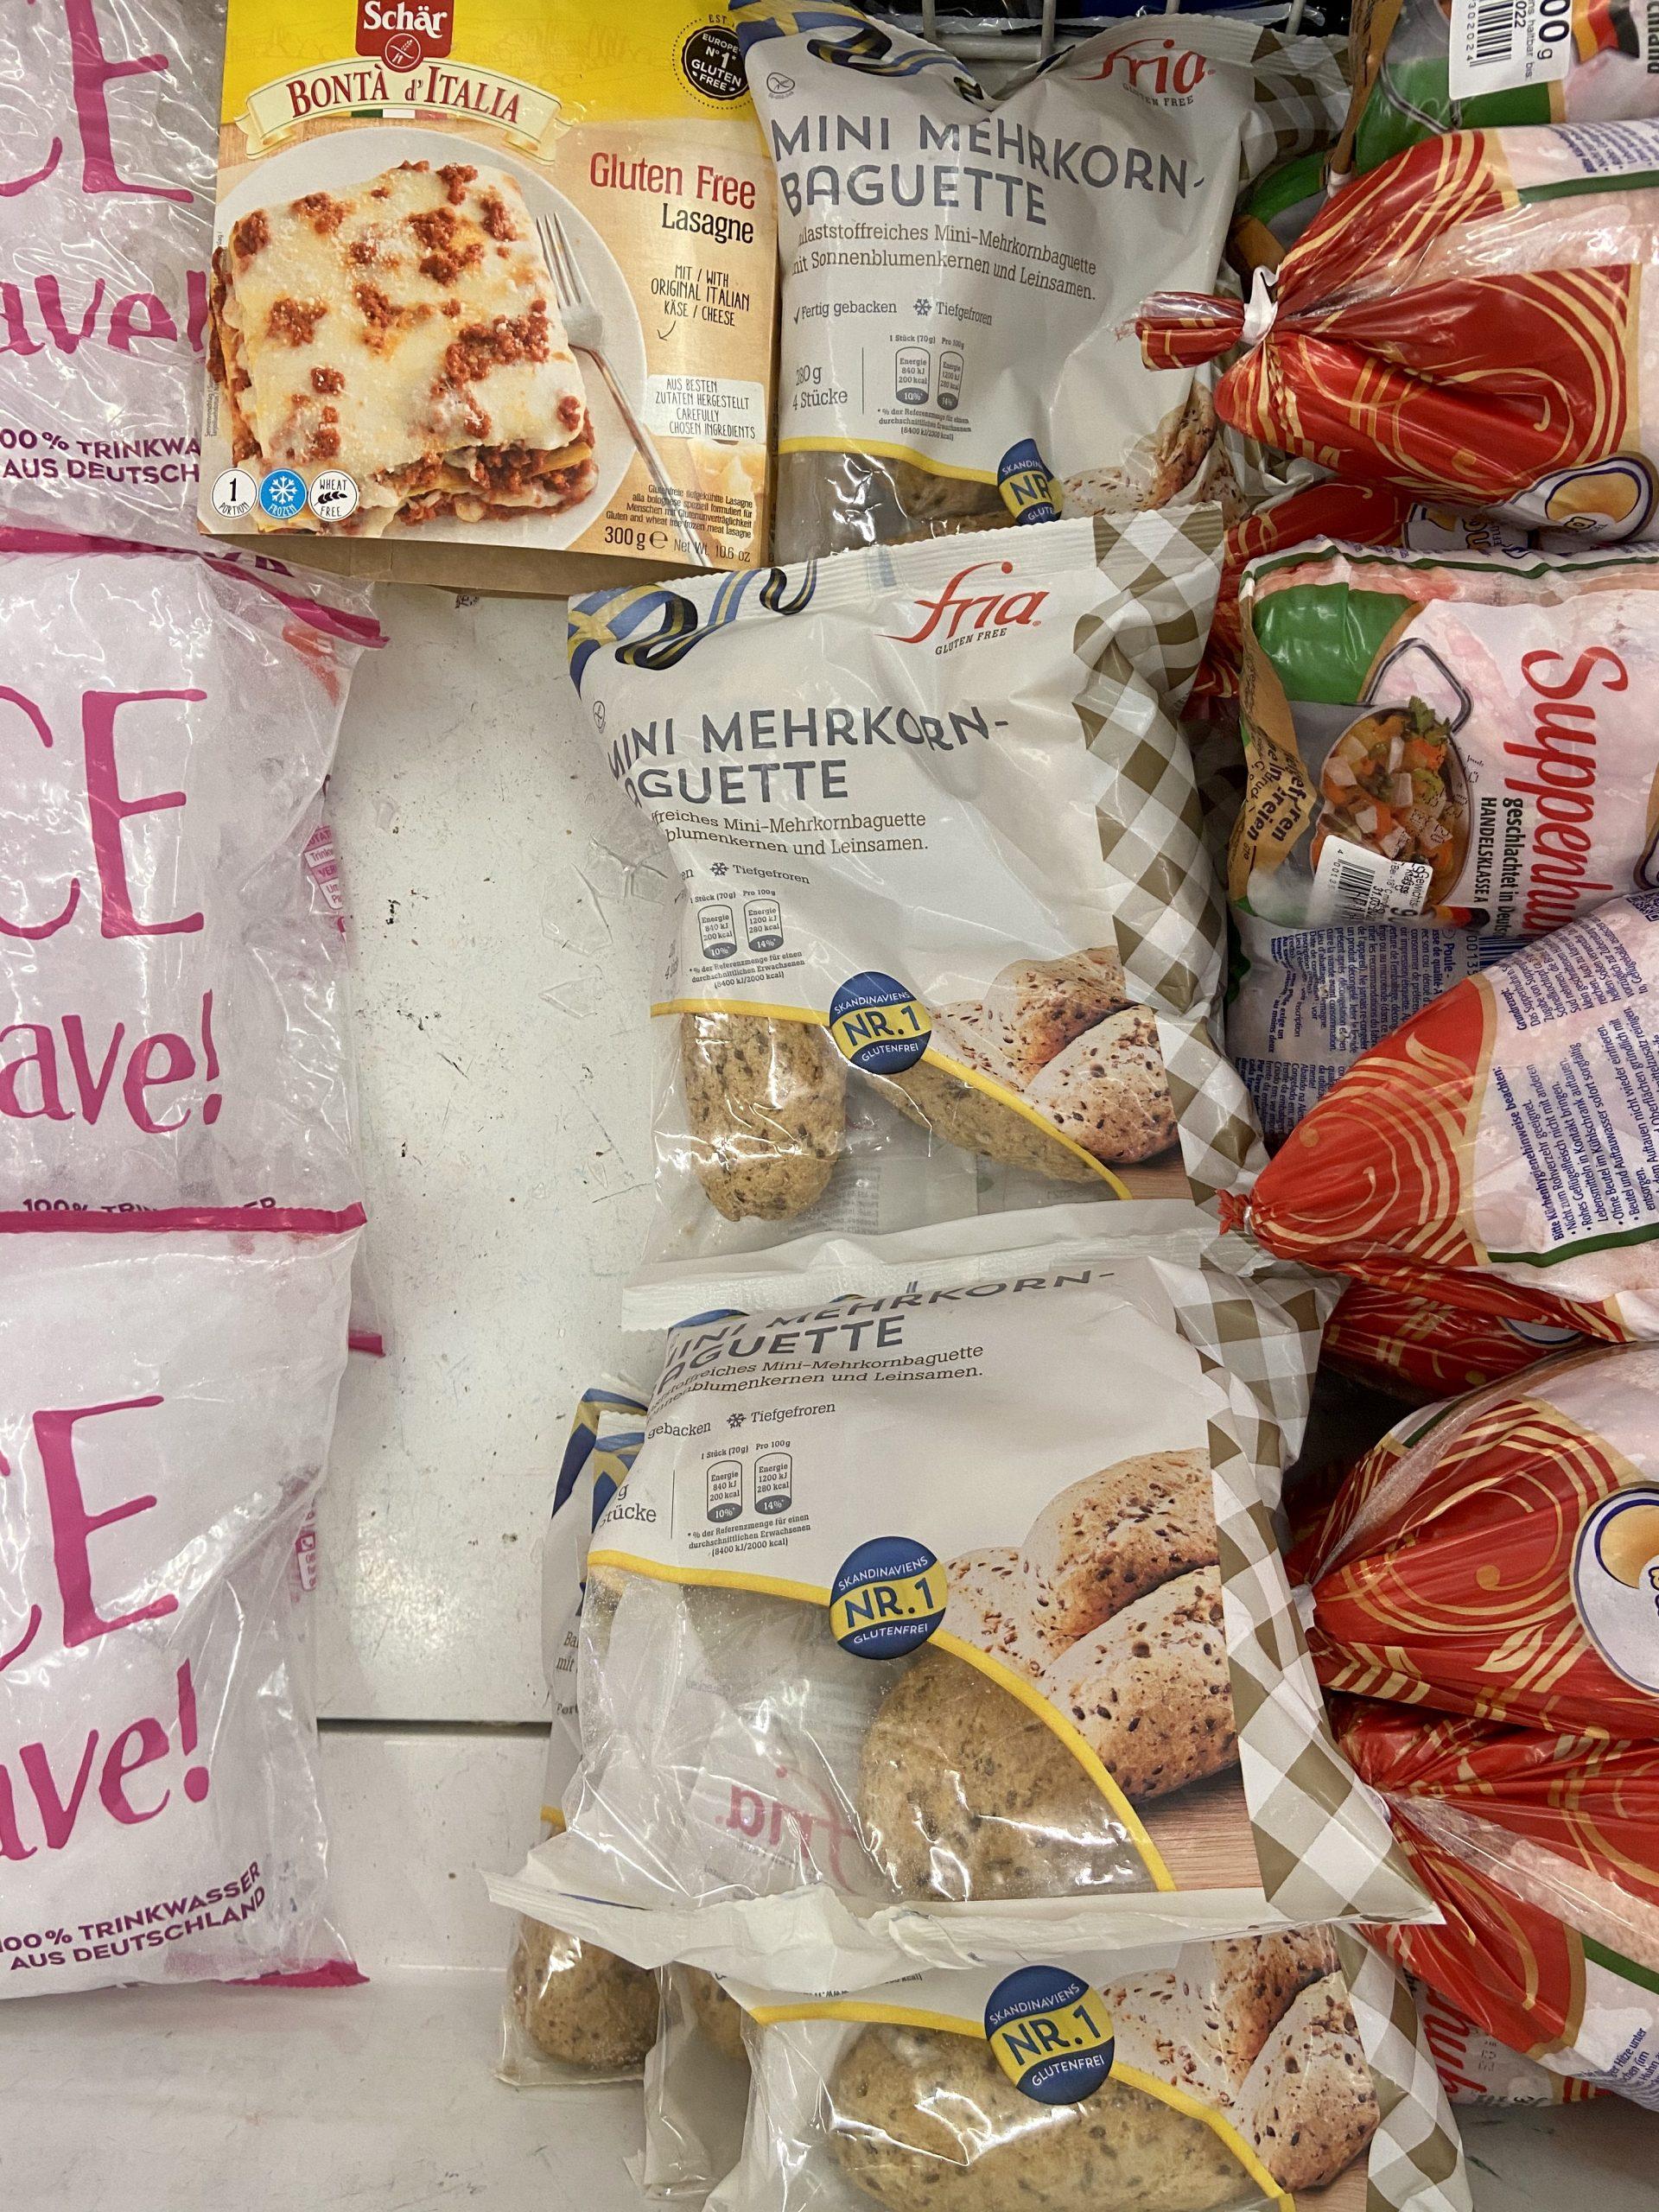 Glutenfrei einkaufen in Scheidegg Edeka